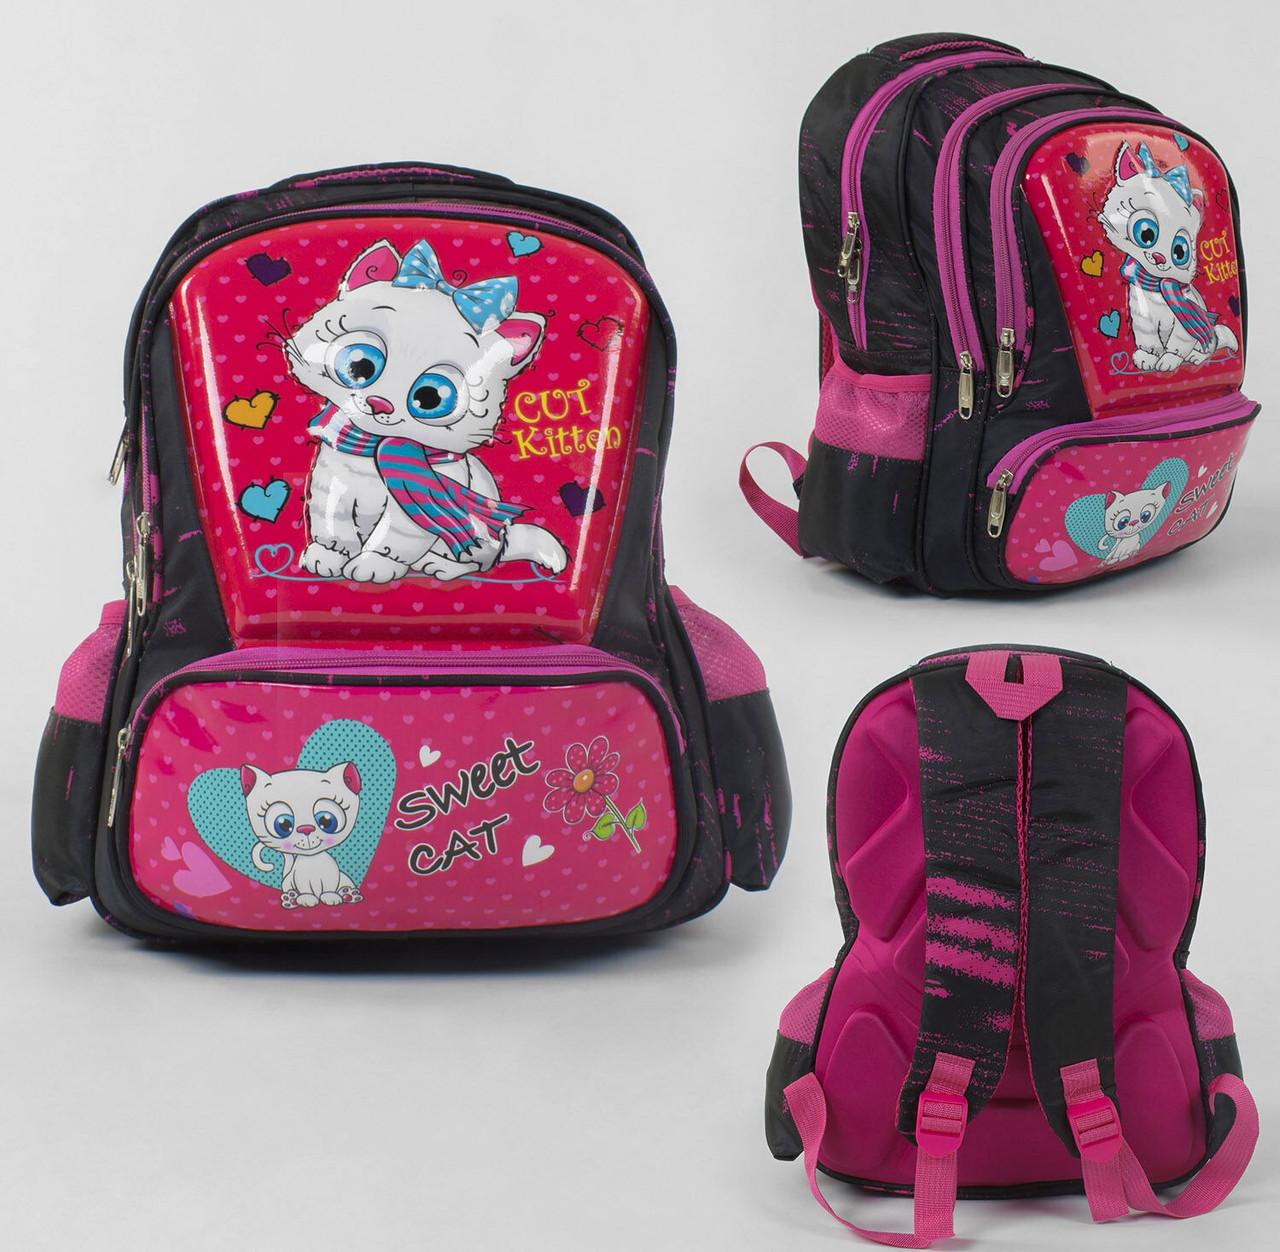 + Подарок Рюкзак школьный 3D принт, 1 отделение, 3 кармана, массажная спинка, в пакете.